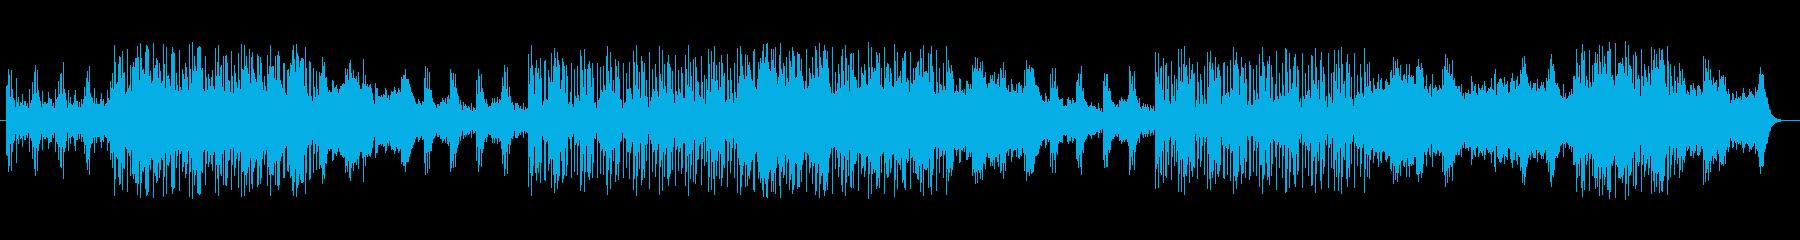 しっとりしたミステリアスなメロディーの再生済みの波形